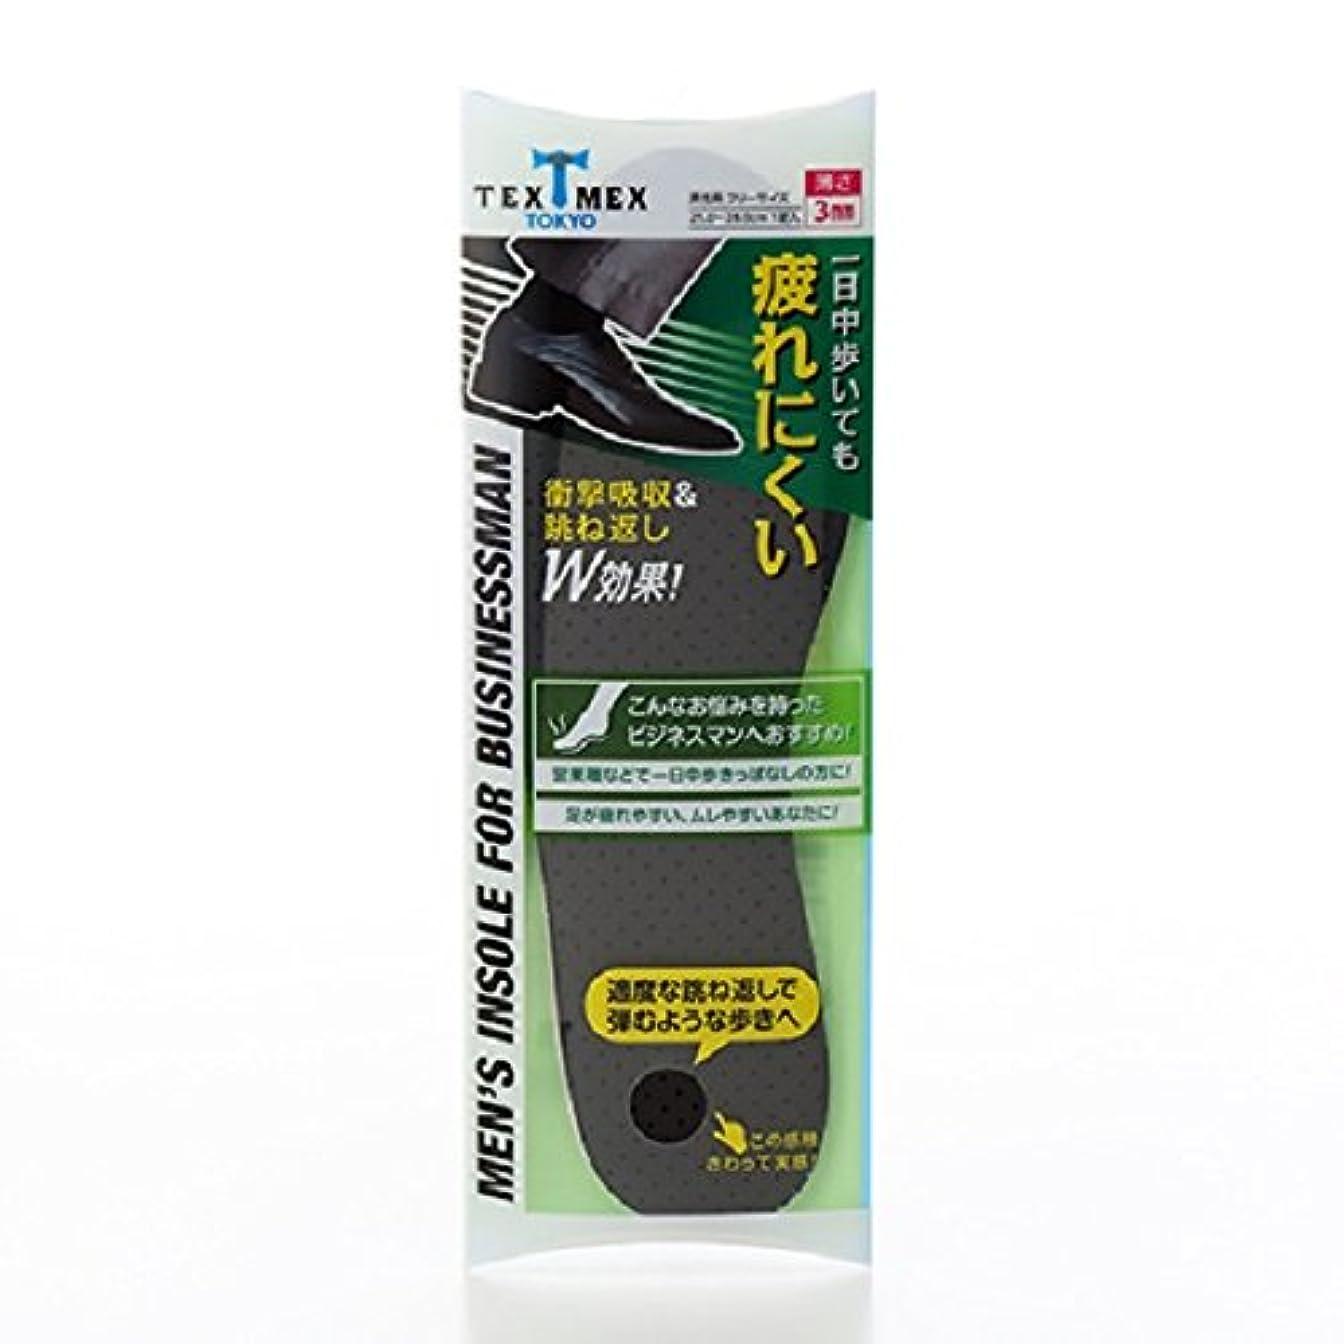 現像苦い力強いテックスメックス 衝撃吸収メンズインソール 1足分 25cm~28cm (男性用インソール) 【足の疲れや痛み、ムレ対策に】